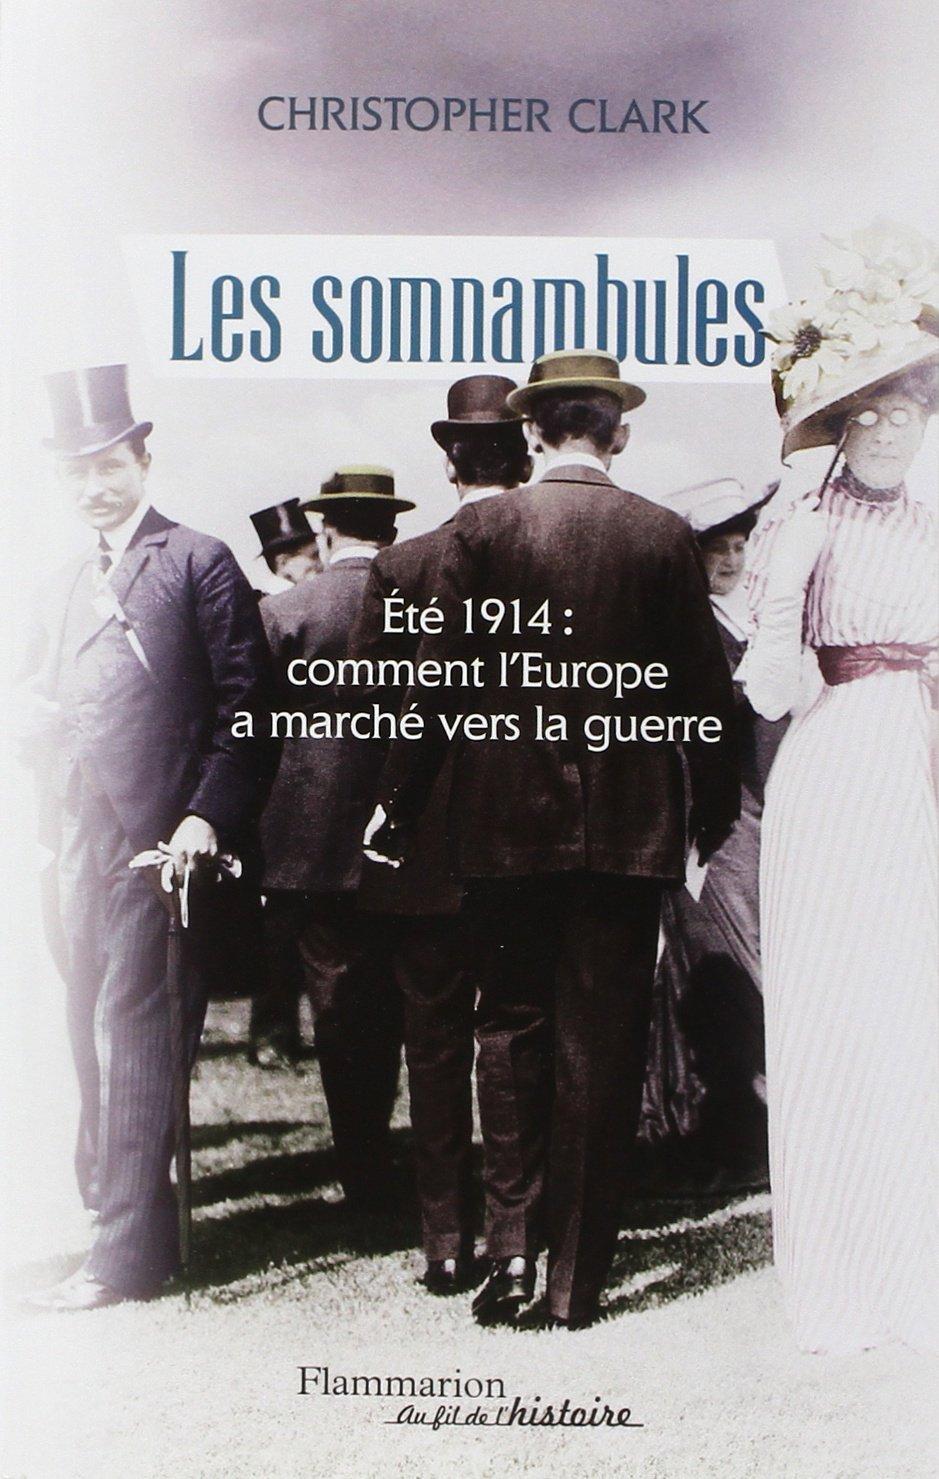 Les somnambules: Eté 1914: comment l'Europe a marché vers la guerre